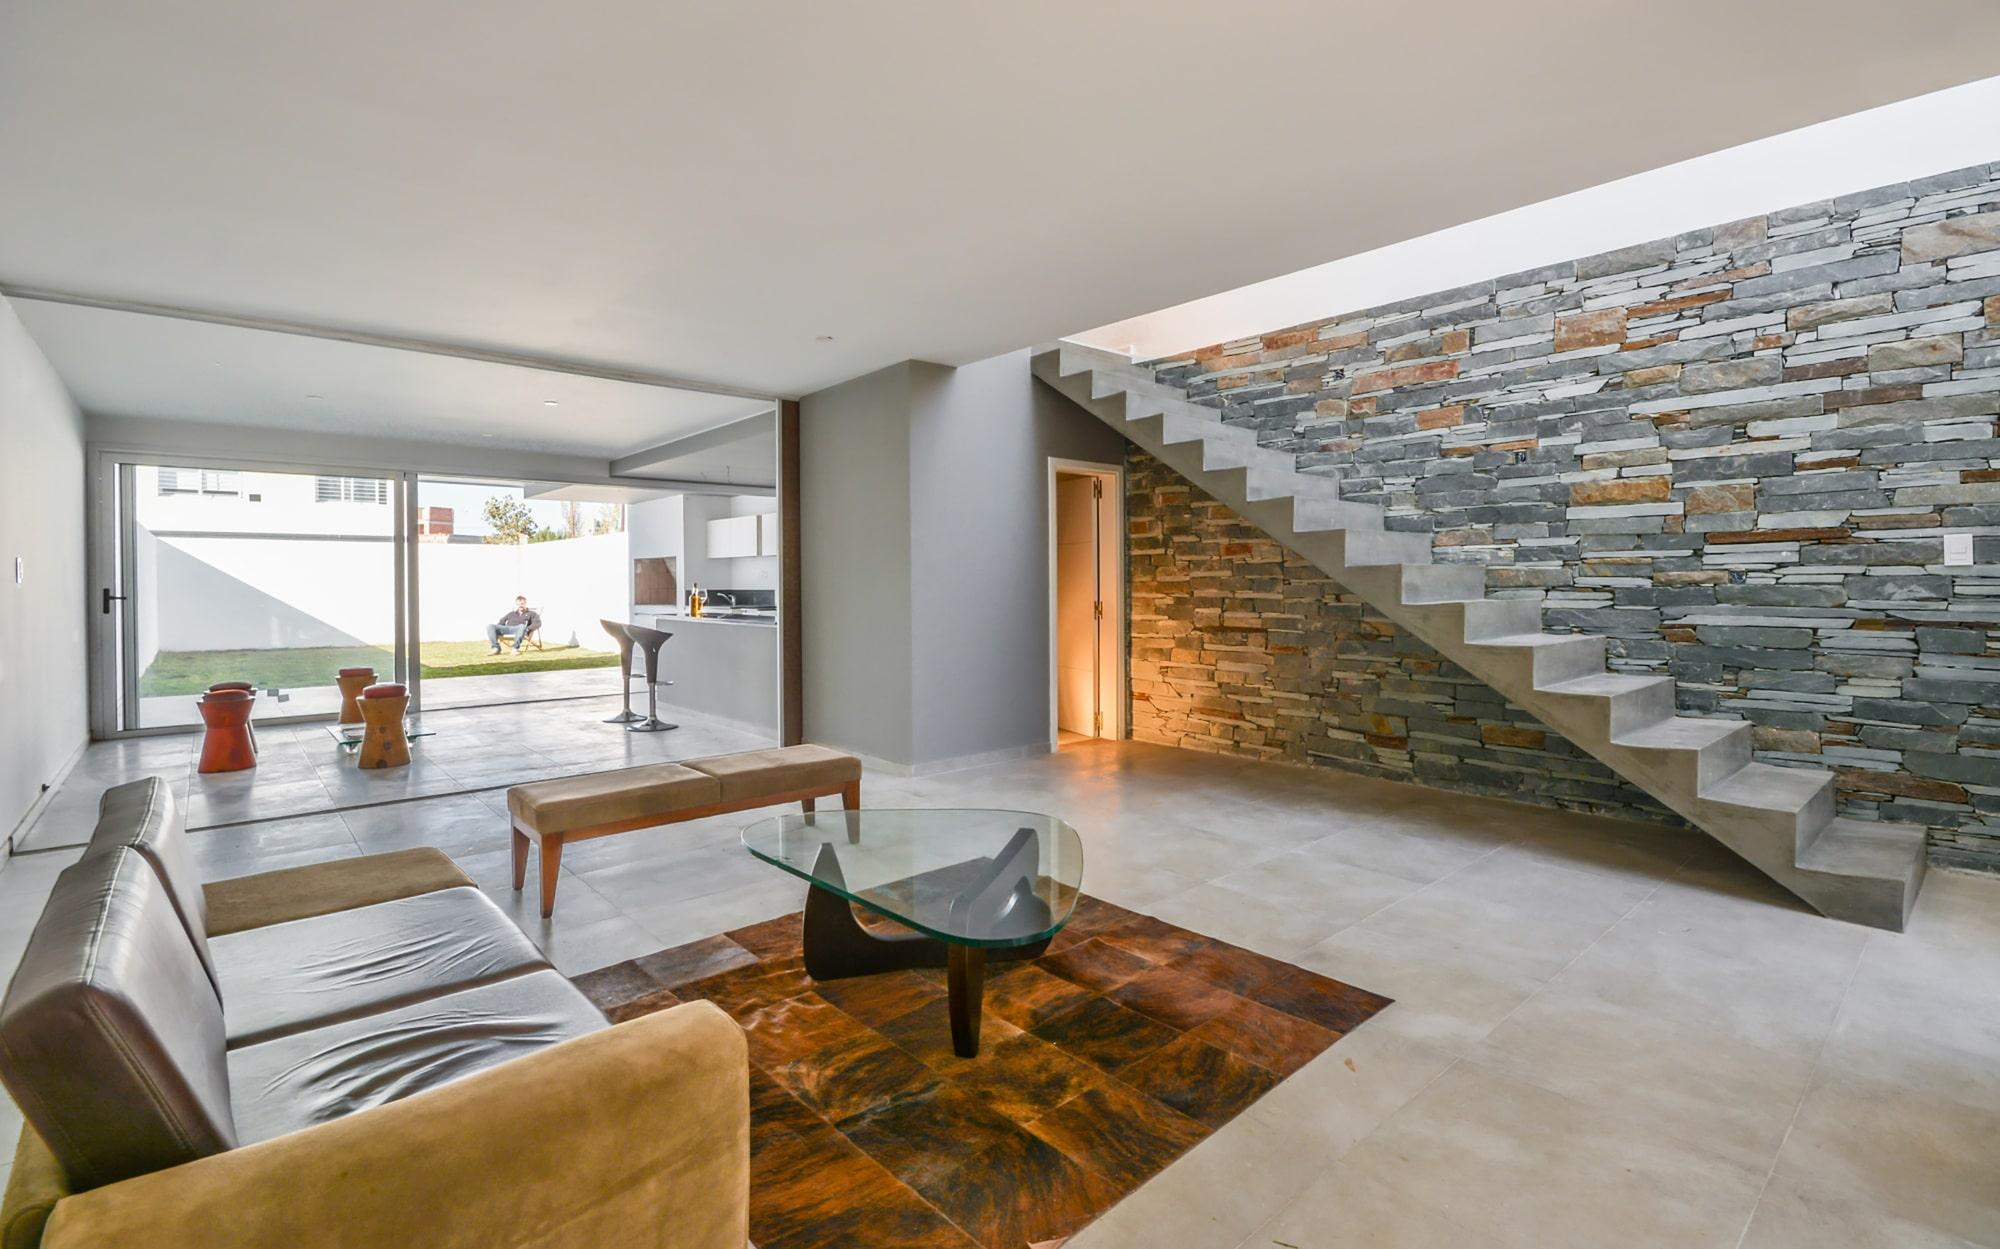 Baño Bajo Escalera Plano:Diseno De Escaleras Interiores